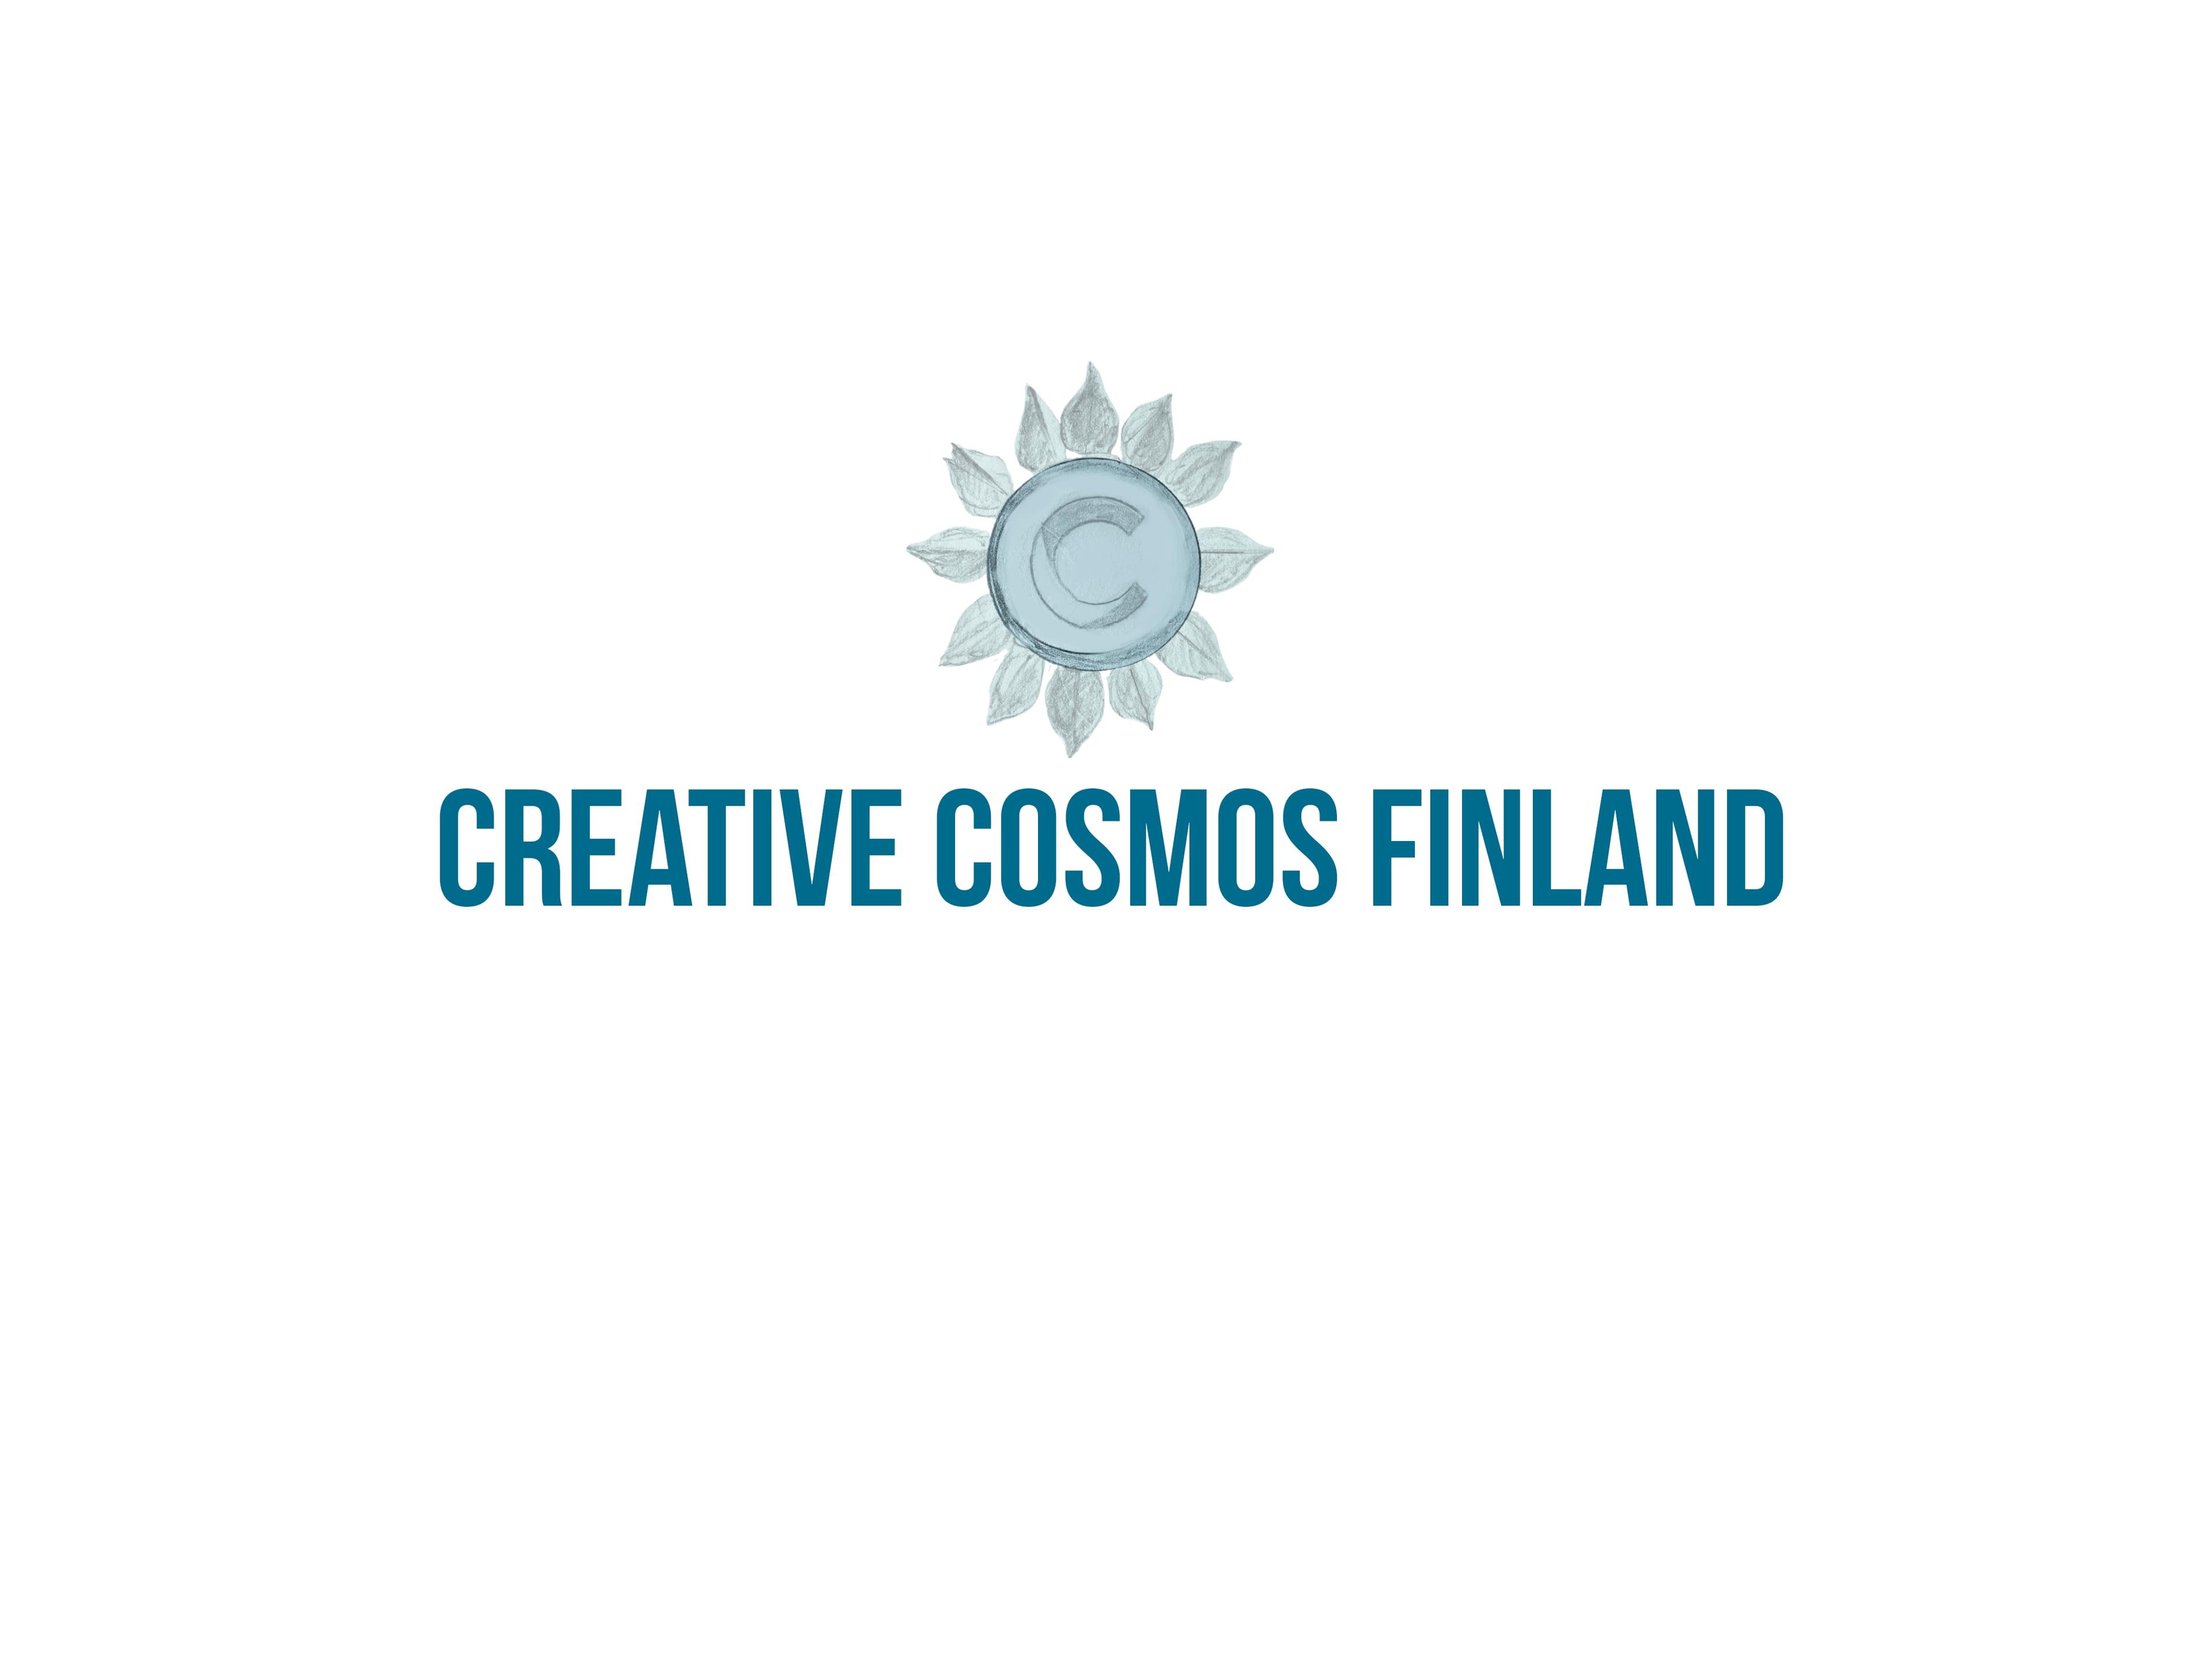 Creative Cosmos